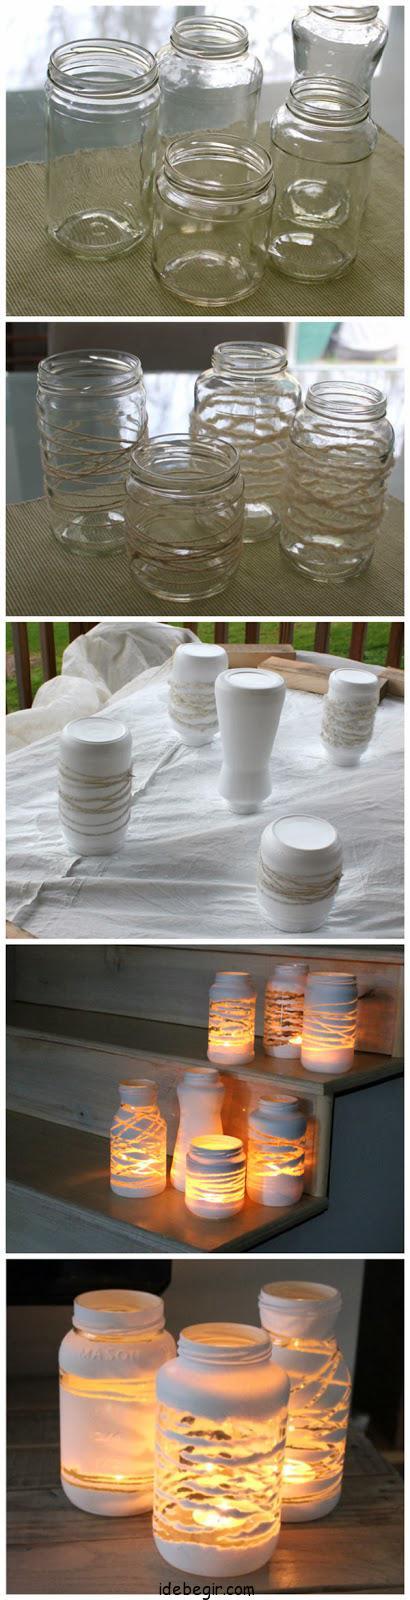 تزئین شیشه- جا شمعی (2)